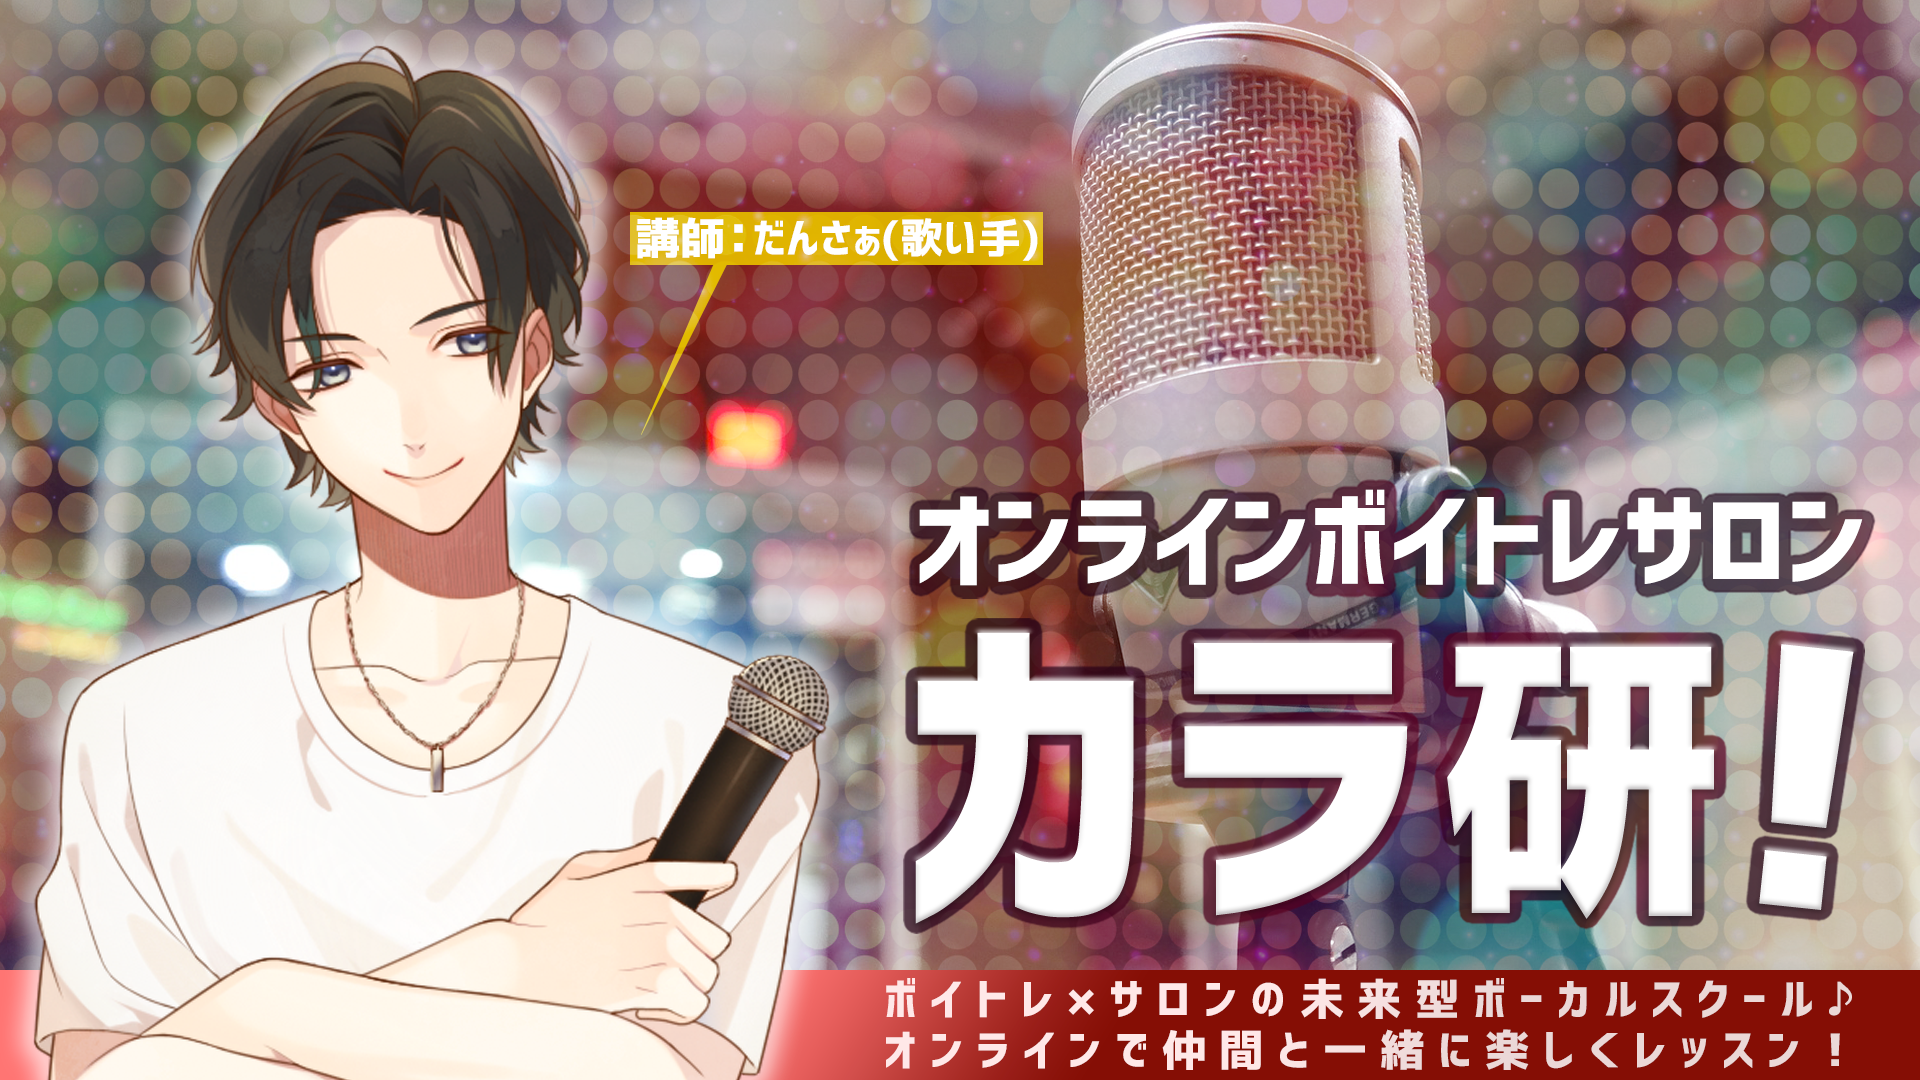 オンラインボイトレサロン 「カラ研!」